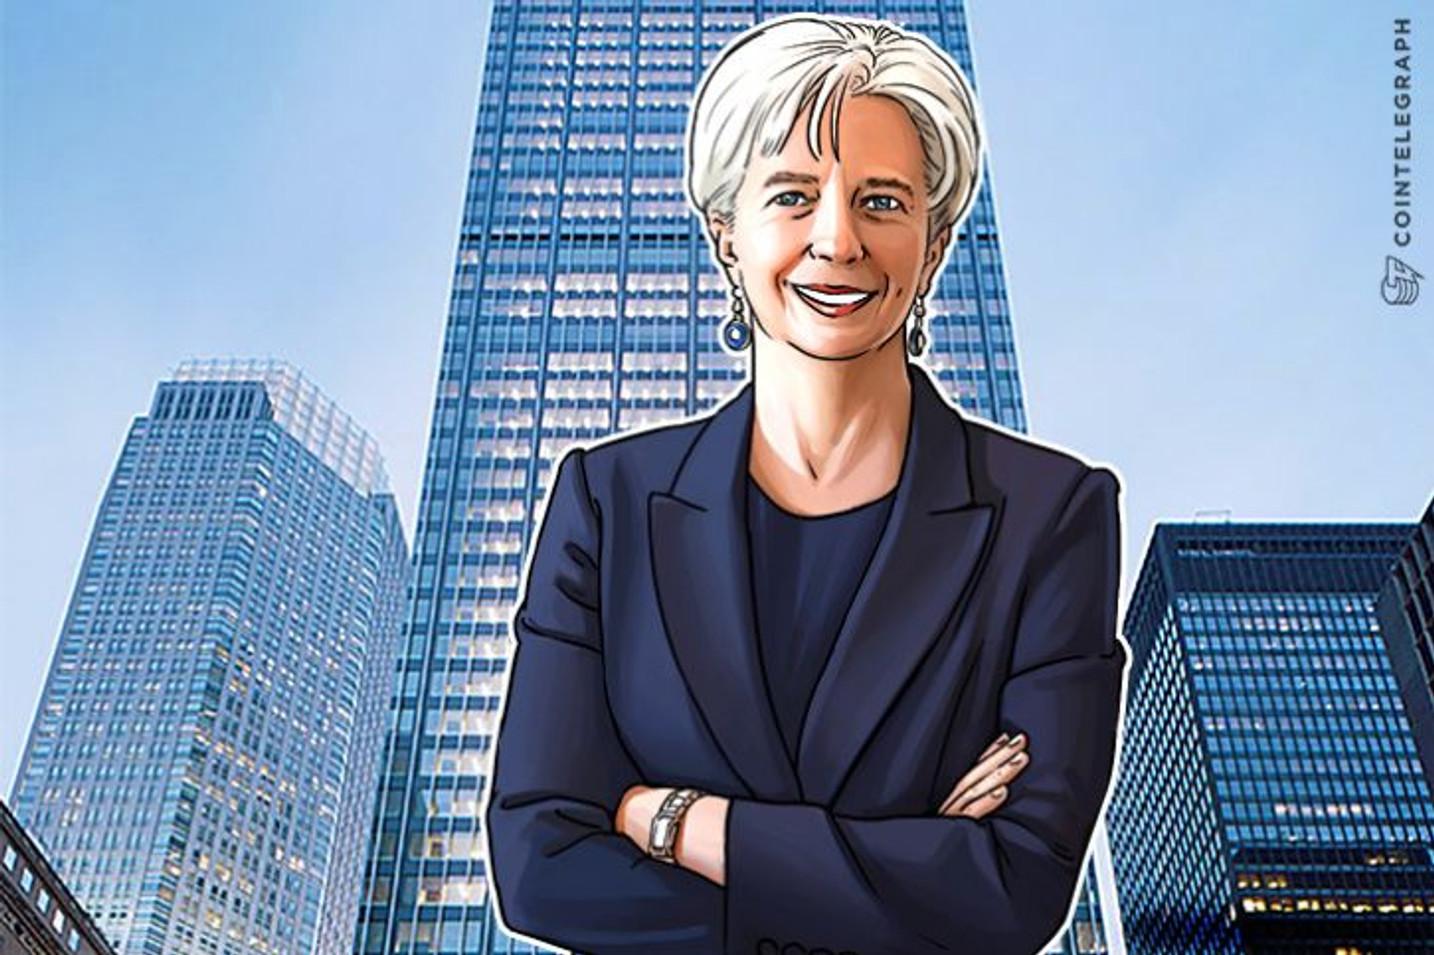 IMFのクリスティーヌ・ラガルド専務理事が、銀行は5年後には仮想通貨を導入しているだろうと発言